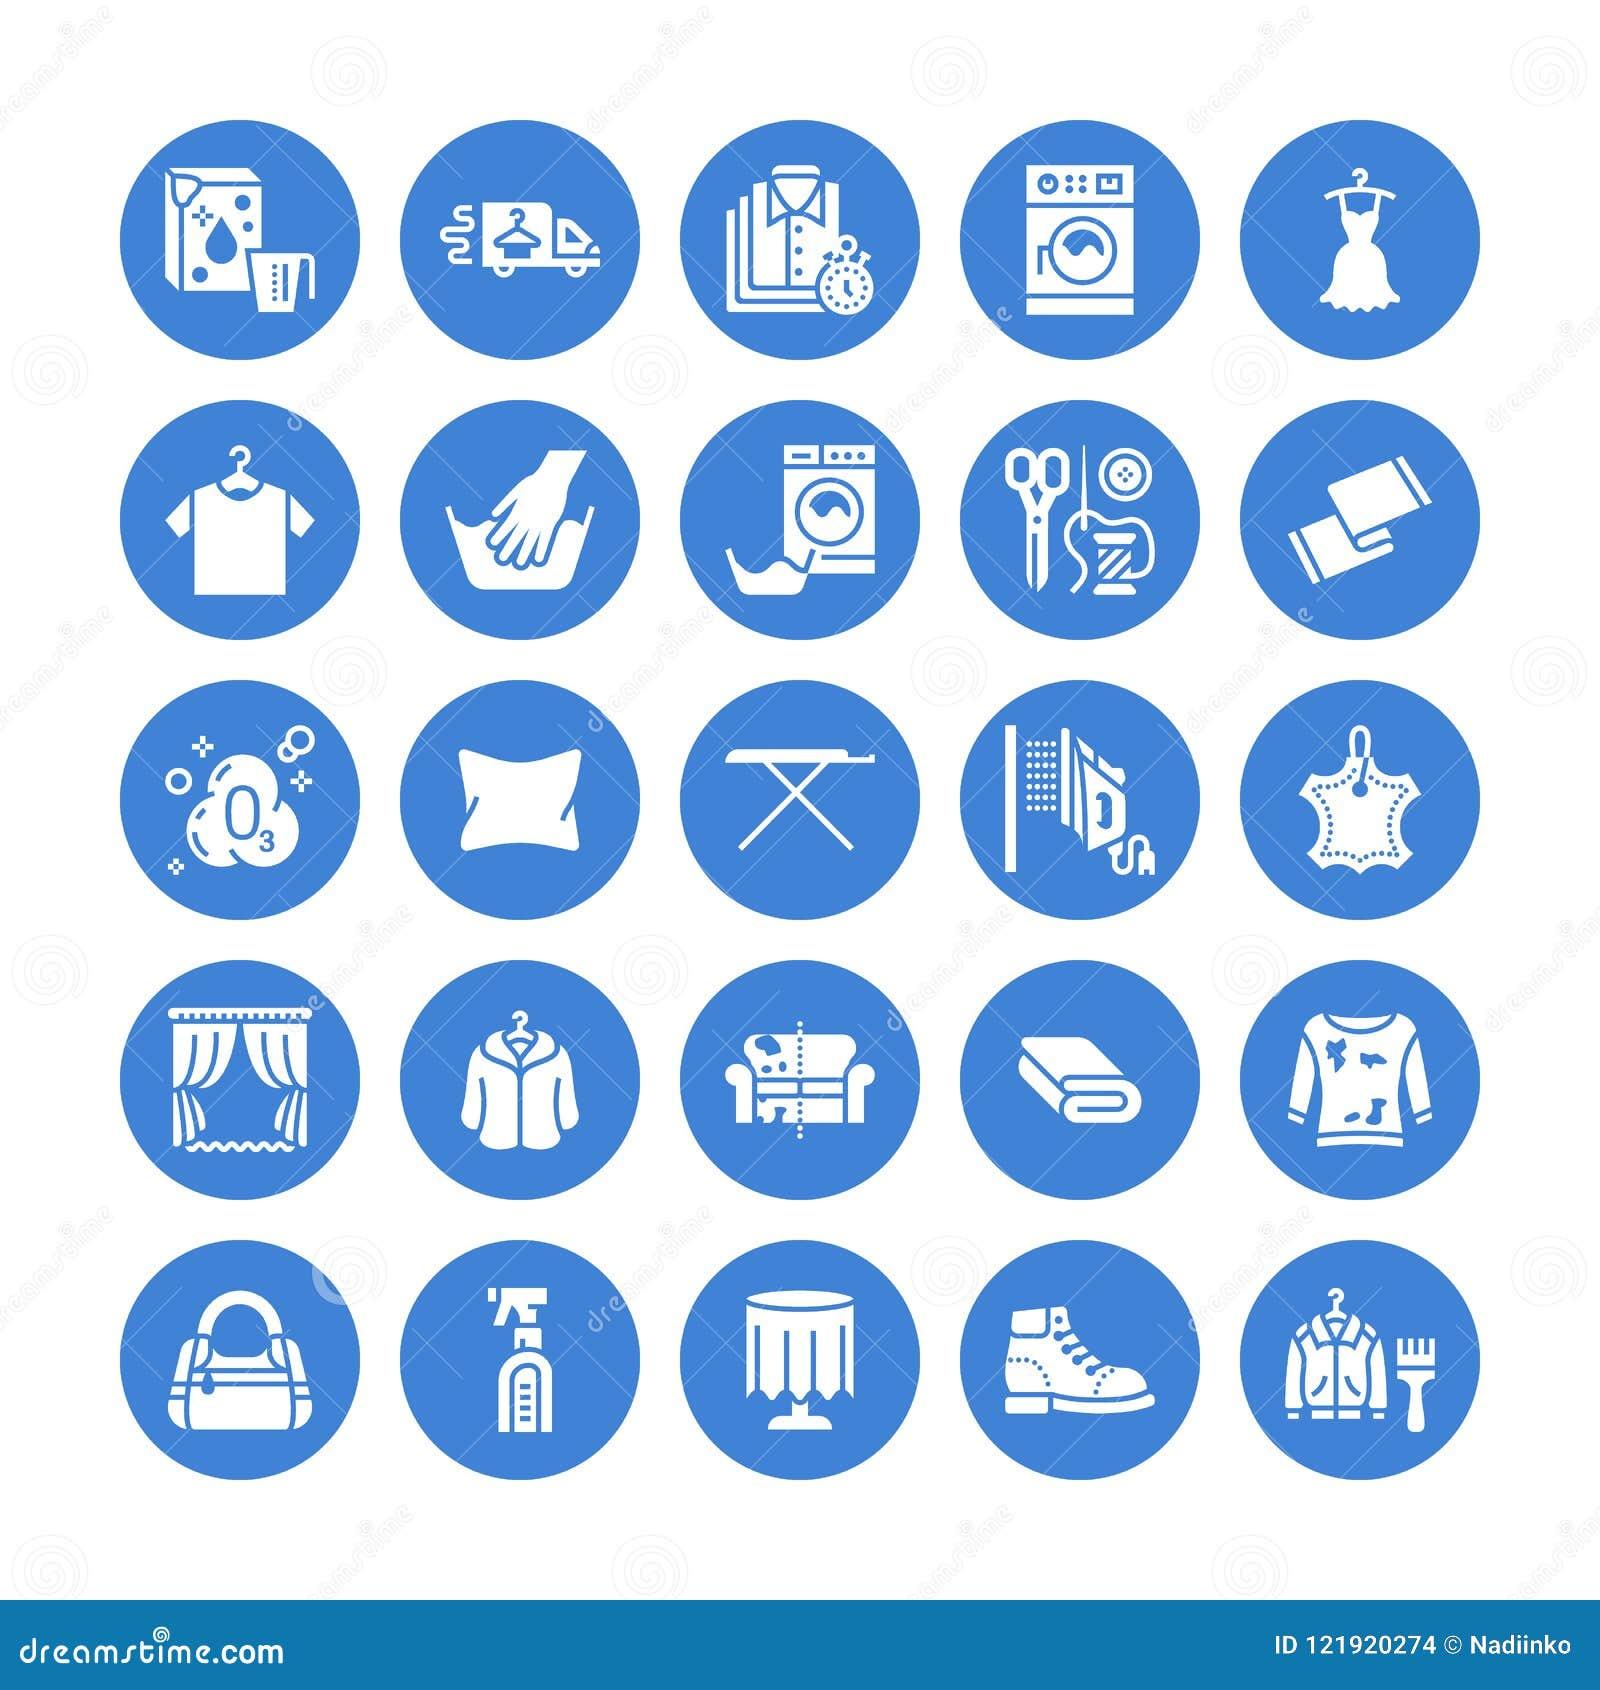 Trockenreinigung, Wäscherei flache Glyphikonen Waschsalonservice-Ausrüstung, Waschmaschinenmaschine, Schuhglanz, kleidet Reparatu